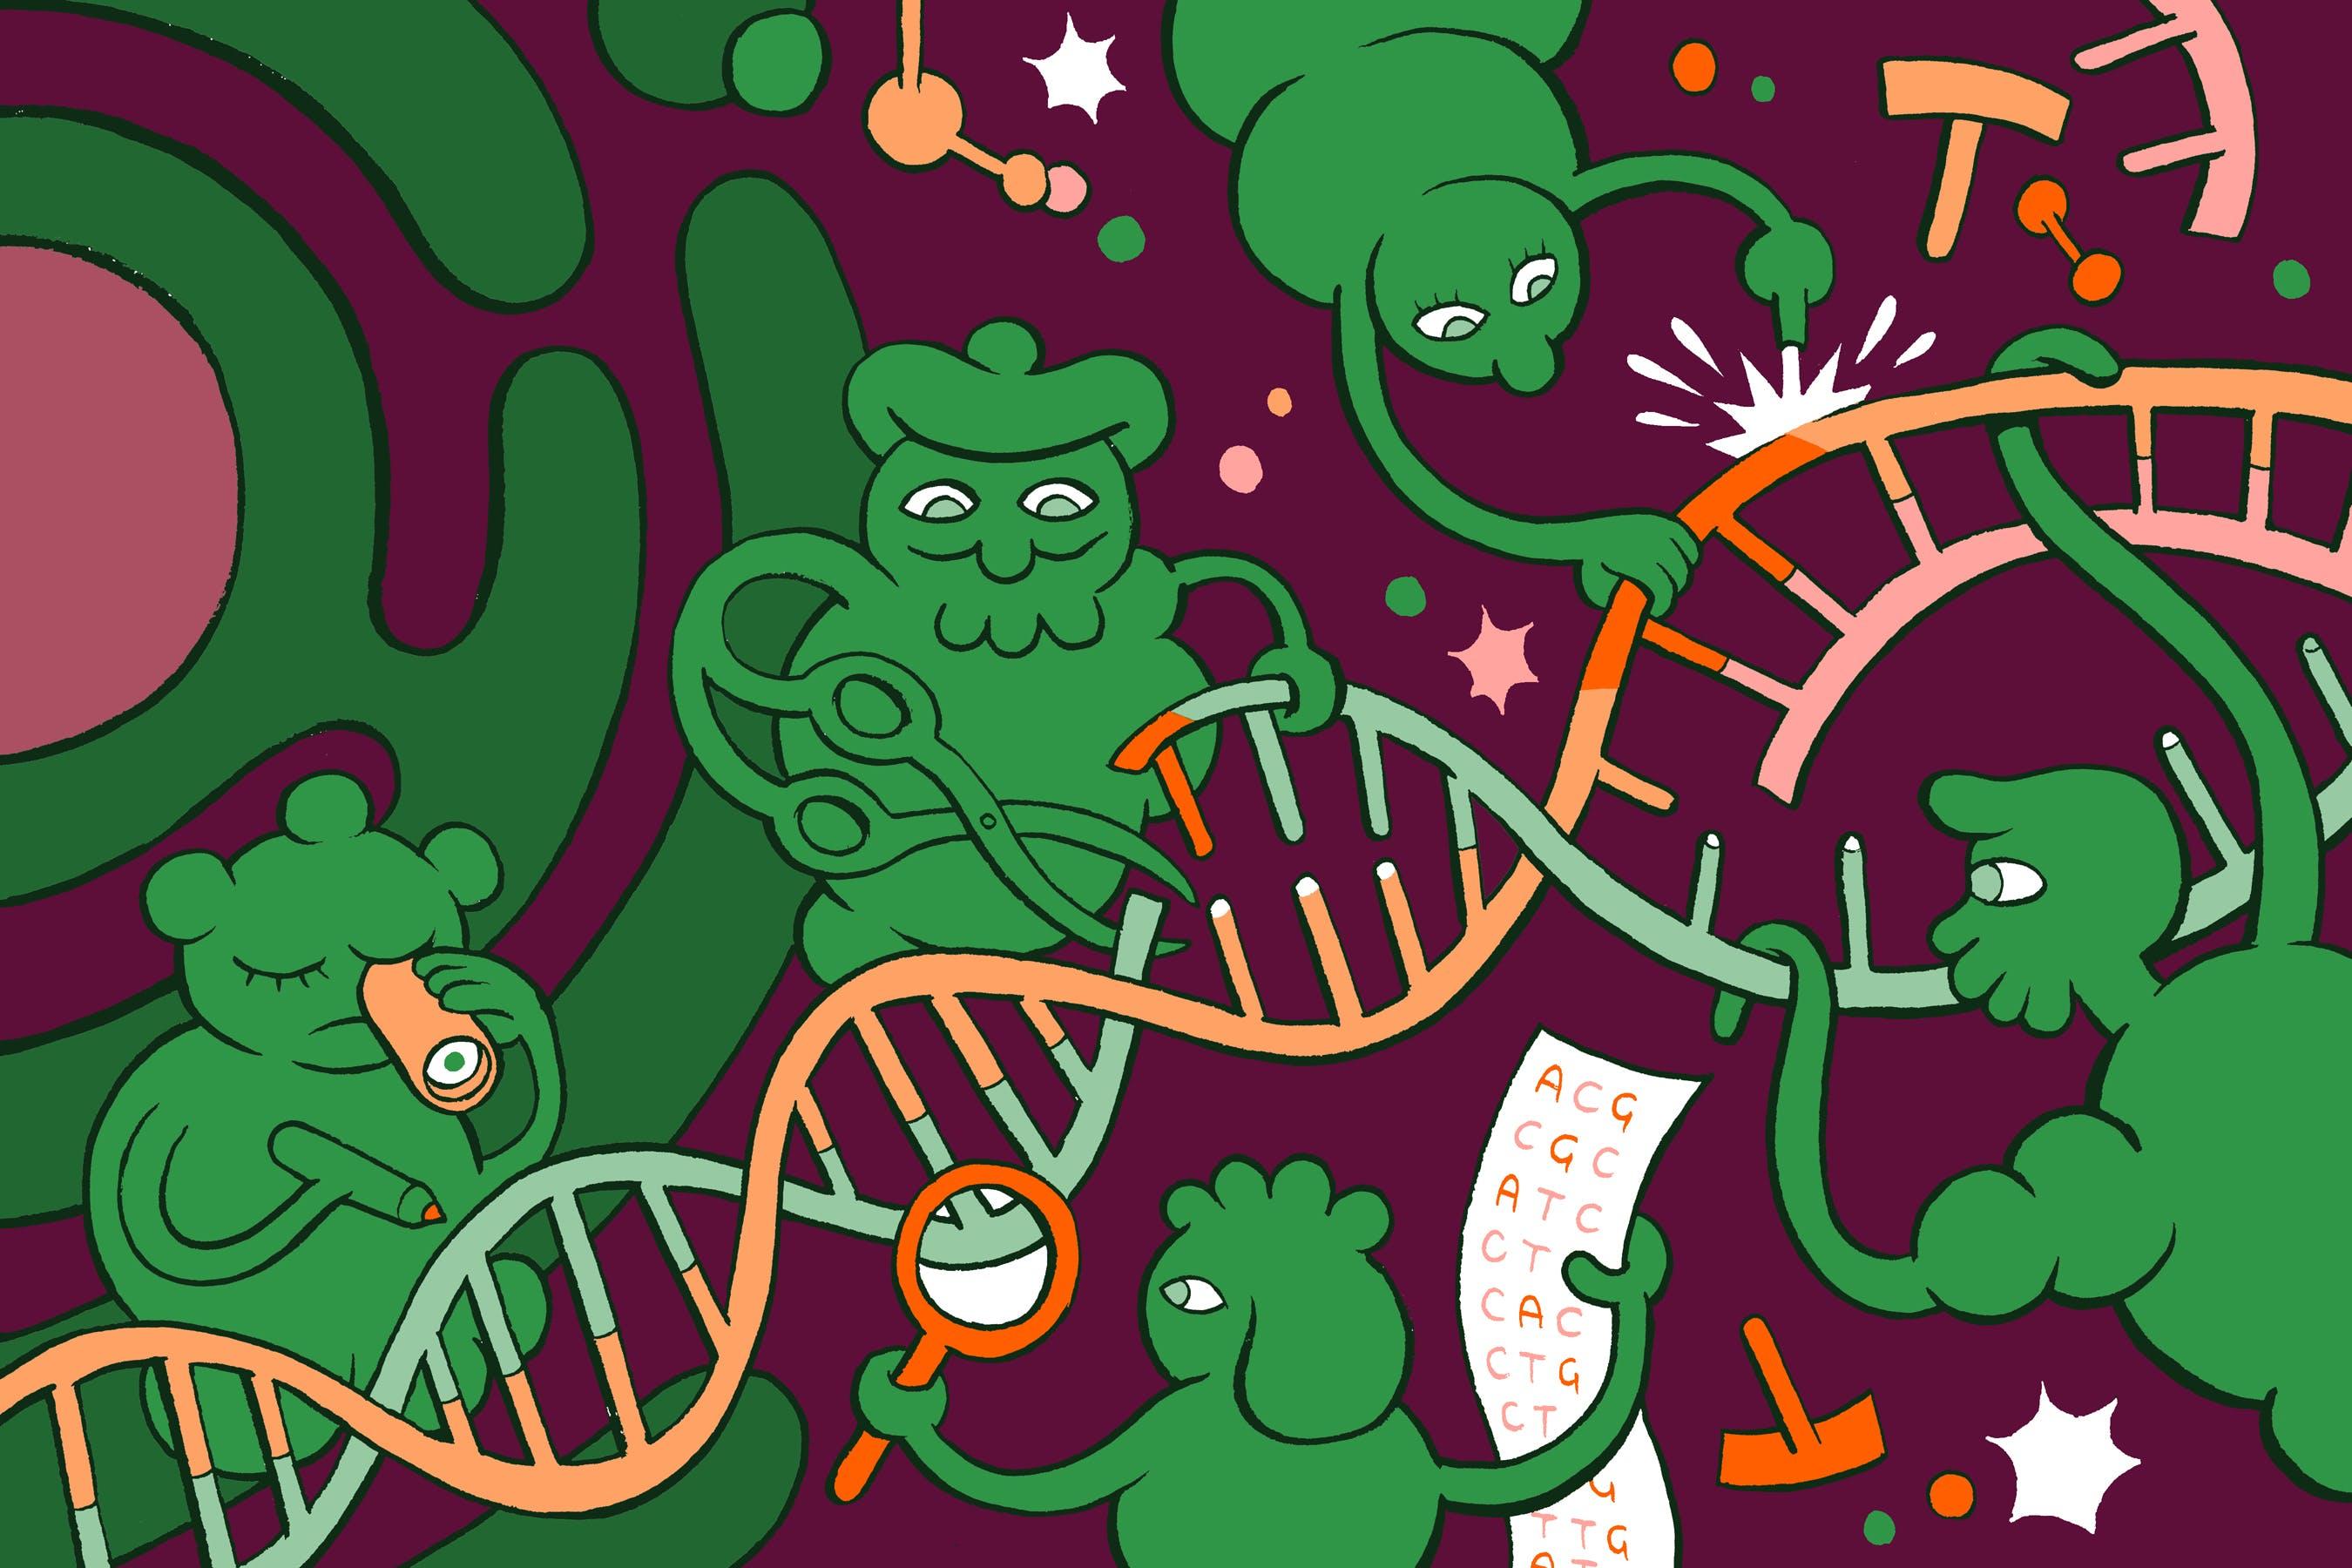 genetic engineering cartoon